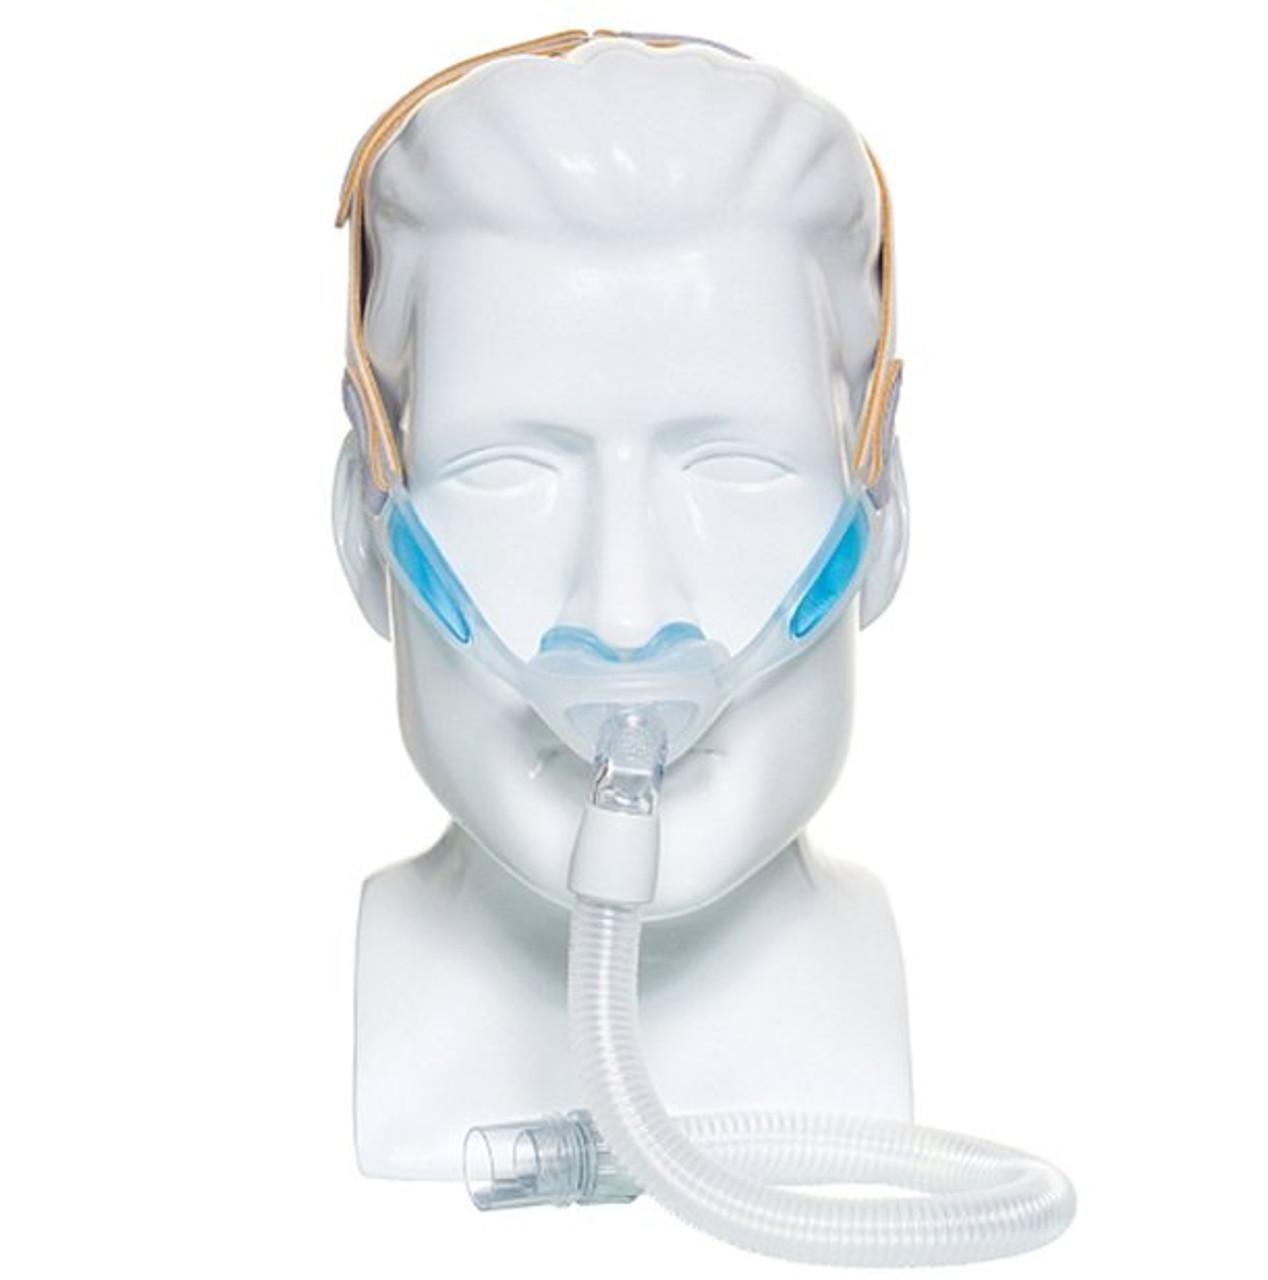 resmed nasal pillow headgear online